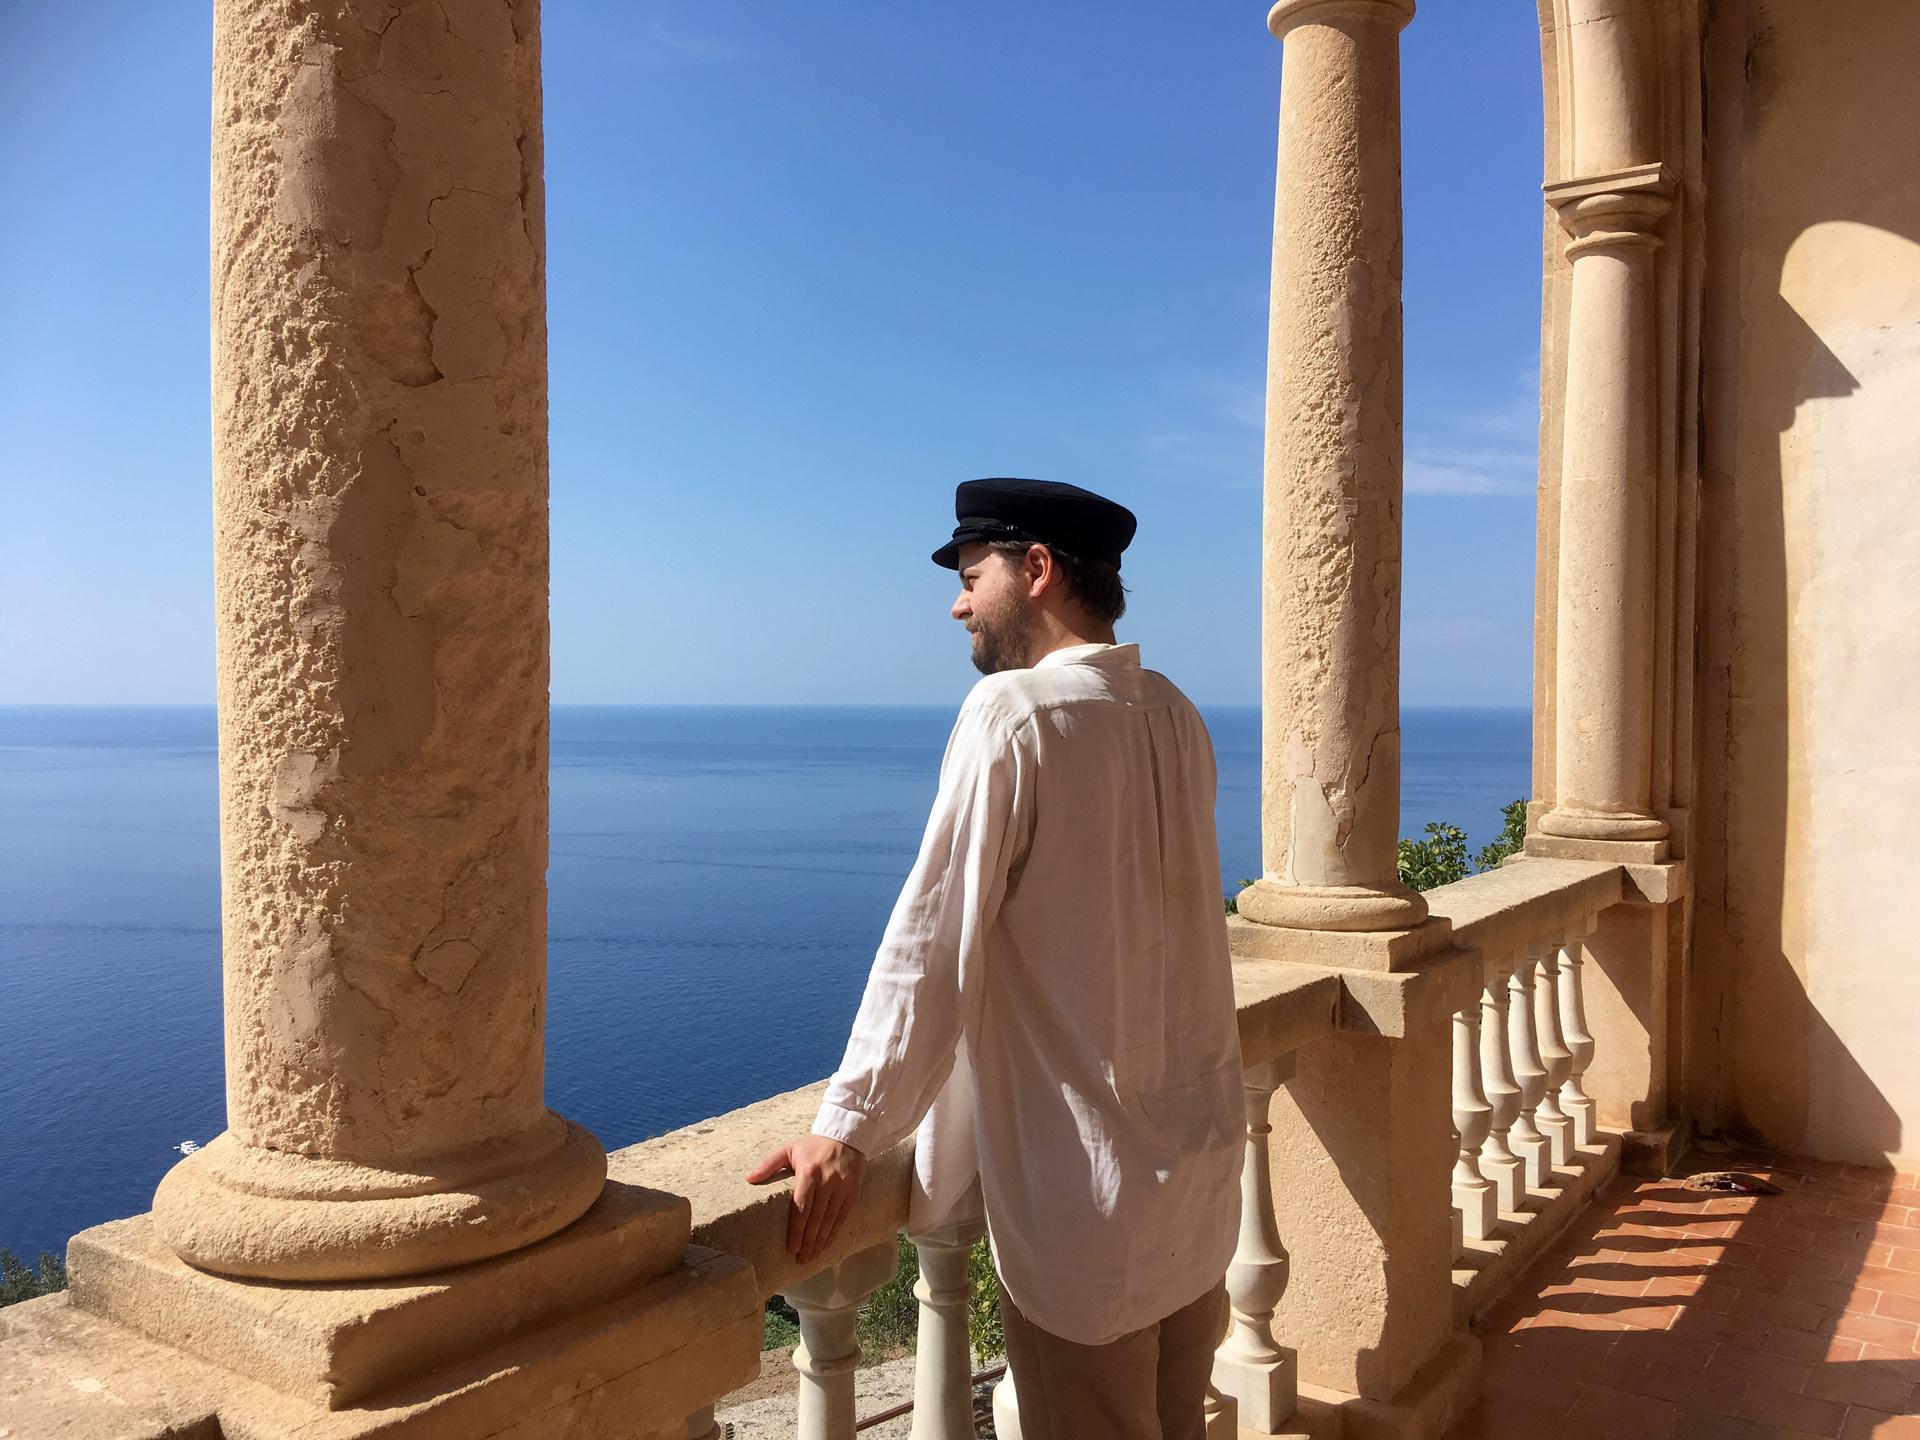 Ludwig Salvator (1847-1915), Erzherzog von Österreich und Prinz von Toskana, bereiste und erforschte jahrzehntelang das Mittelmeer und ließ sich dann auf Mallorca nieder.  ©ZDF/ORF/GS Film/Rosa Maria Plattner